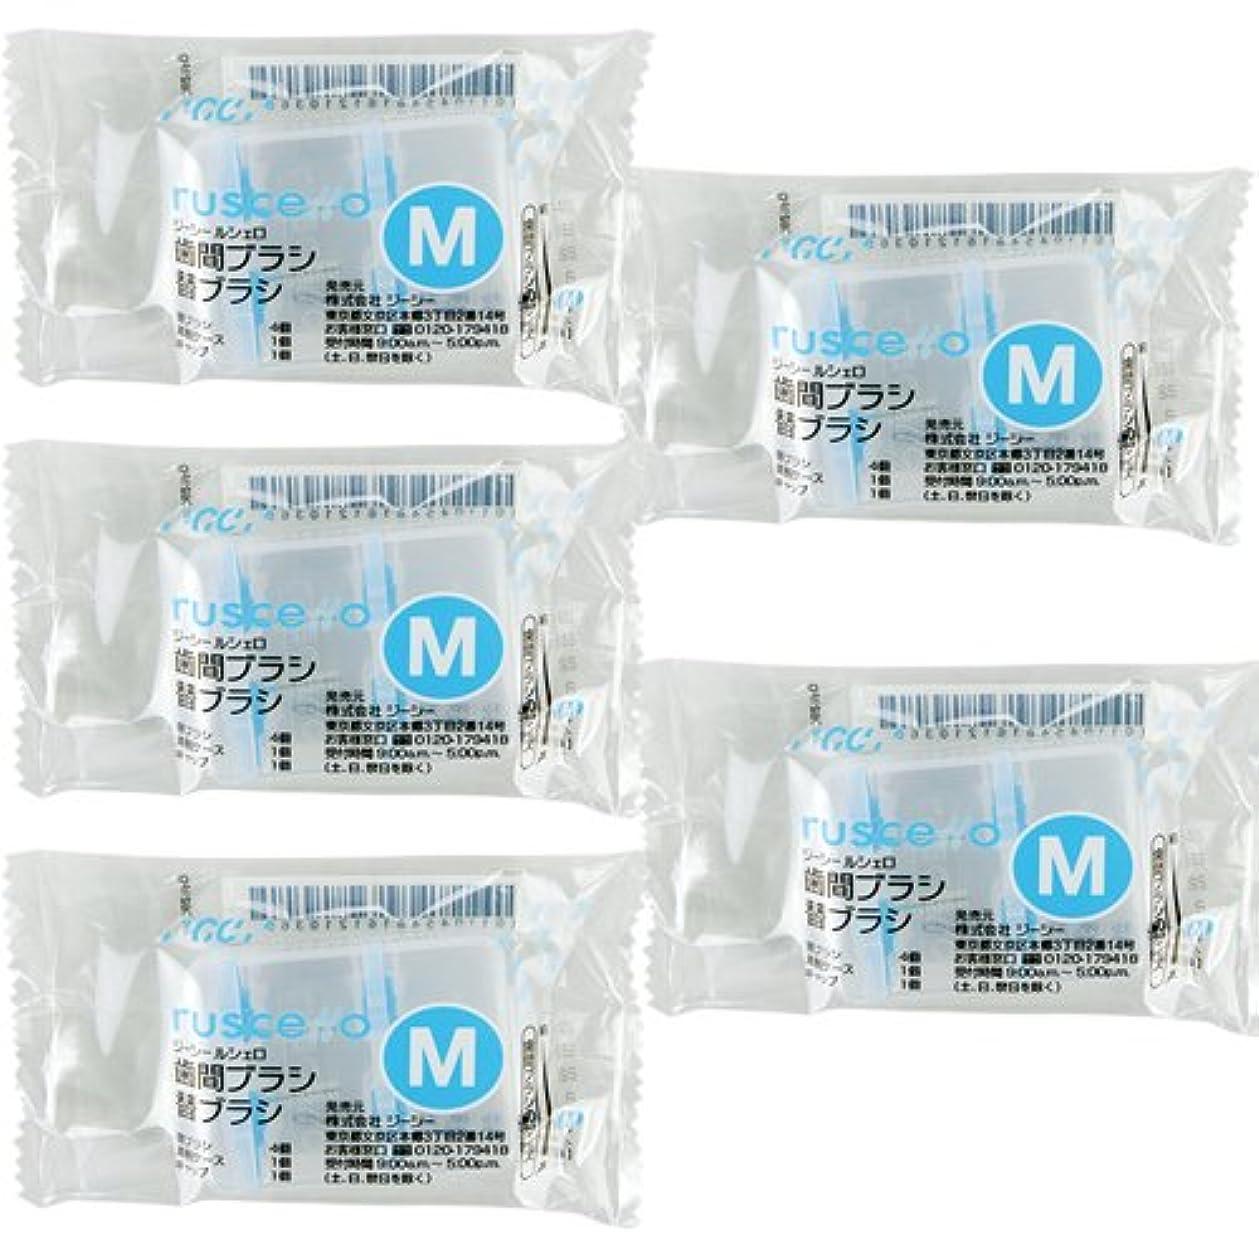 半ばリビングルーム寛大なGC ジーシー ルシェロ歯間ブラシ 替えブラシ(4個入) × 5個セット M